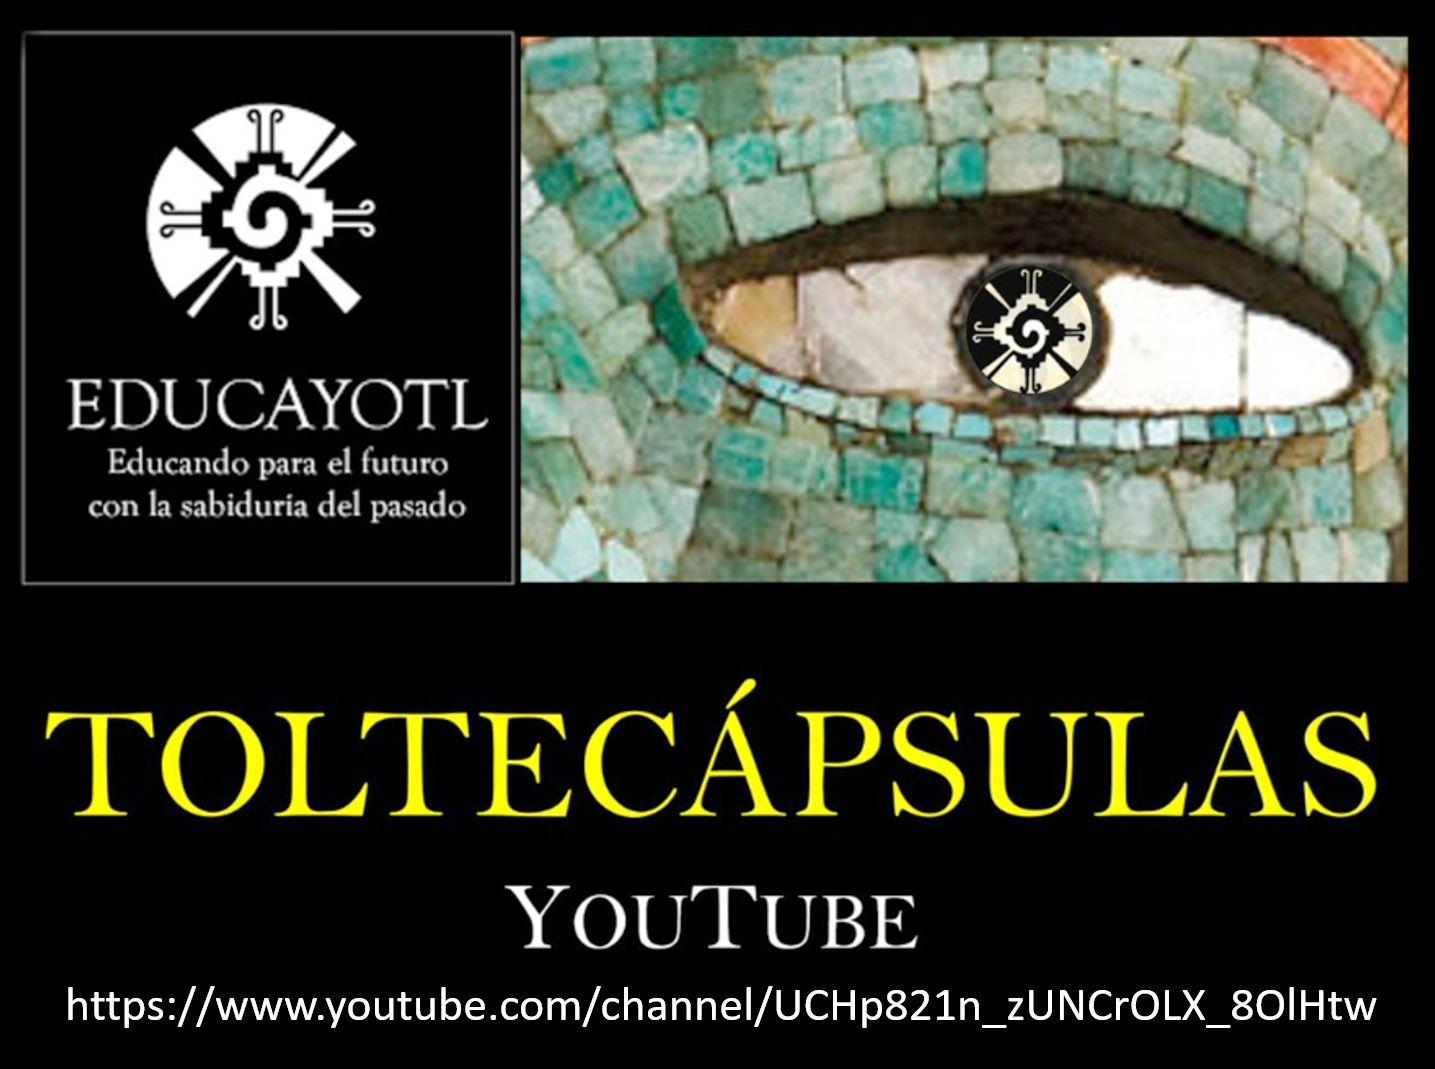 HISTORIA ANCESTRAL DE MÉXICO A TRAVÉS DE VIDEOS